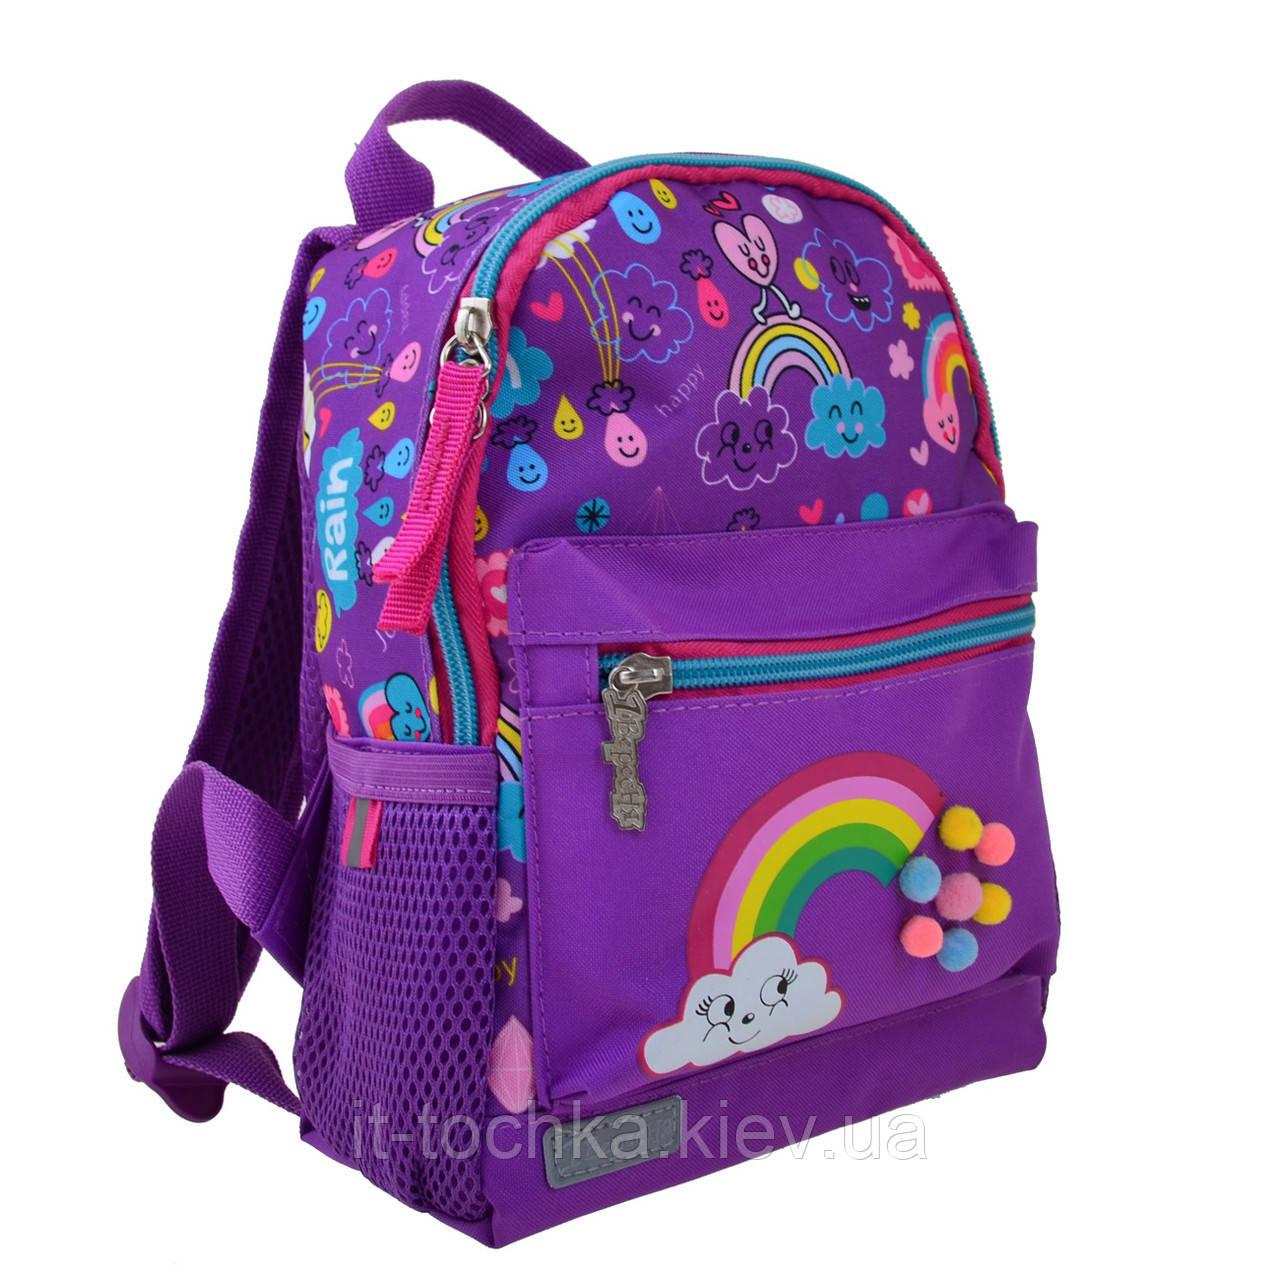 Рюкзак детский 1 Вересня k-16 rainbow, 22.5*18.5*9.5 1 Вересня 554762